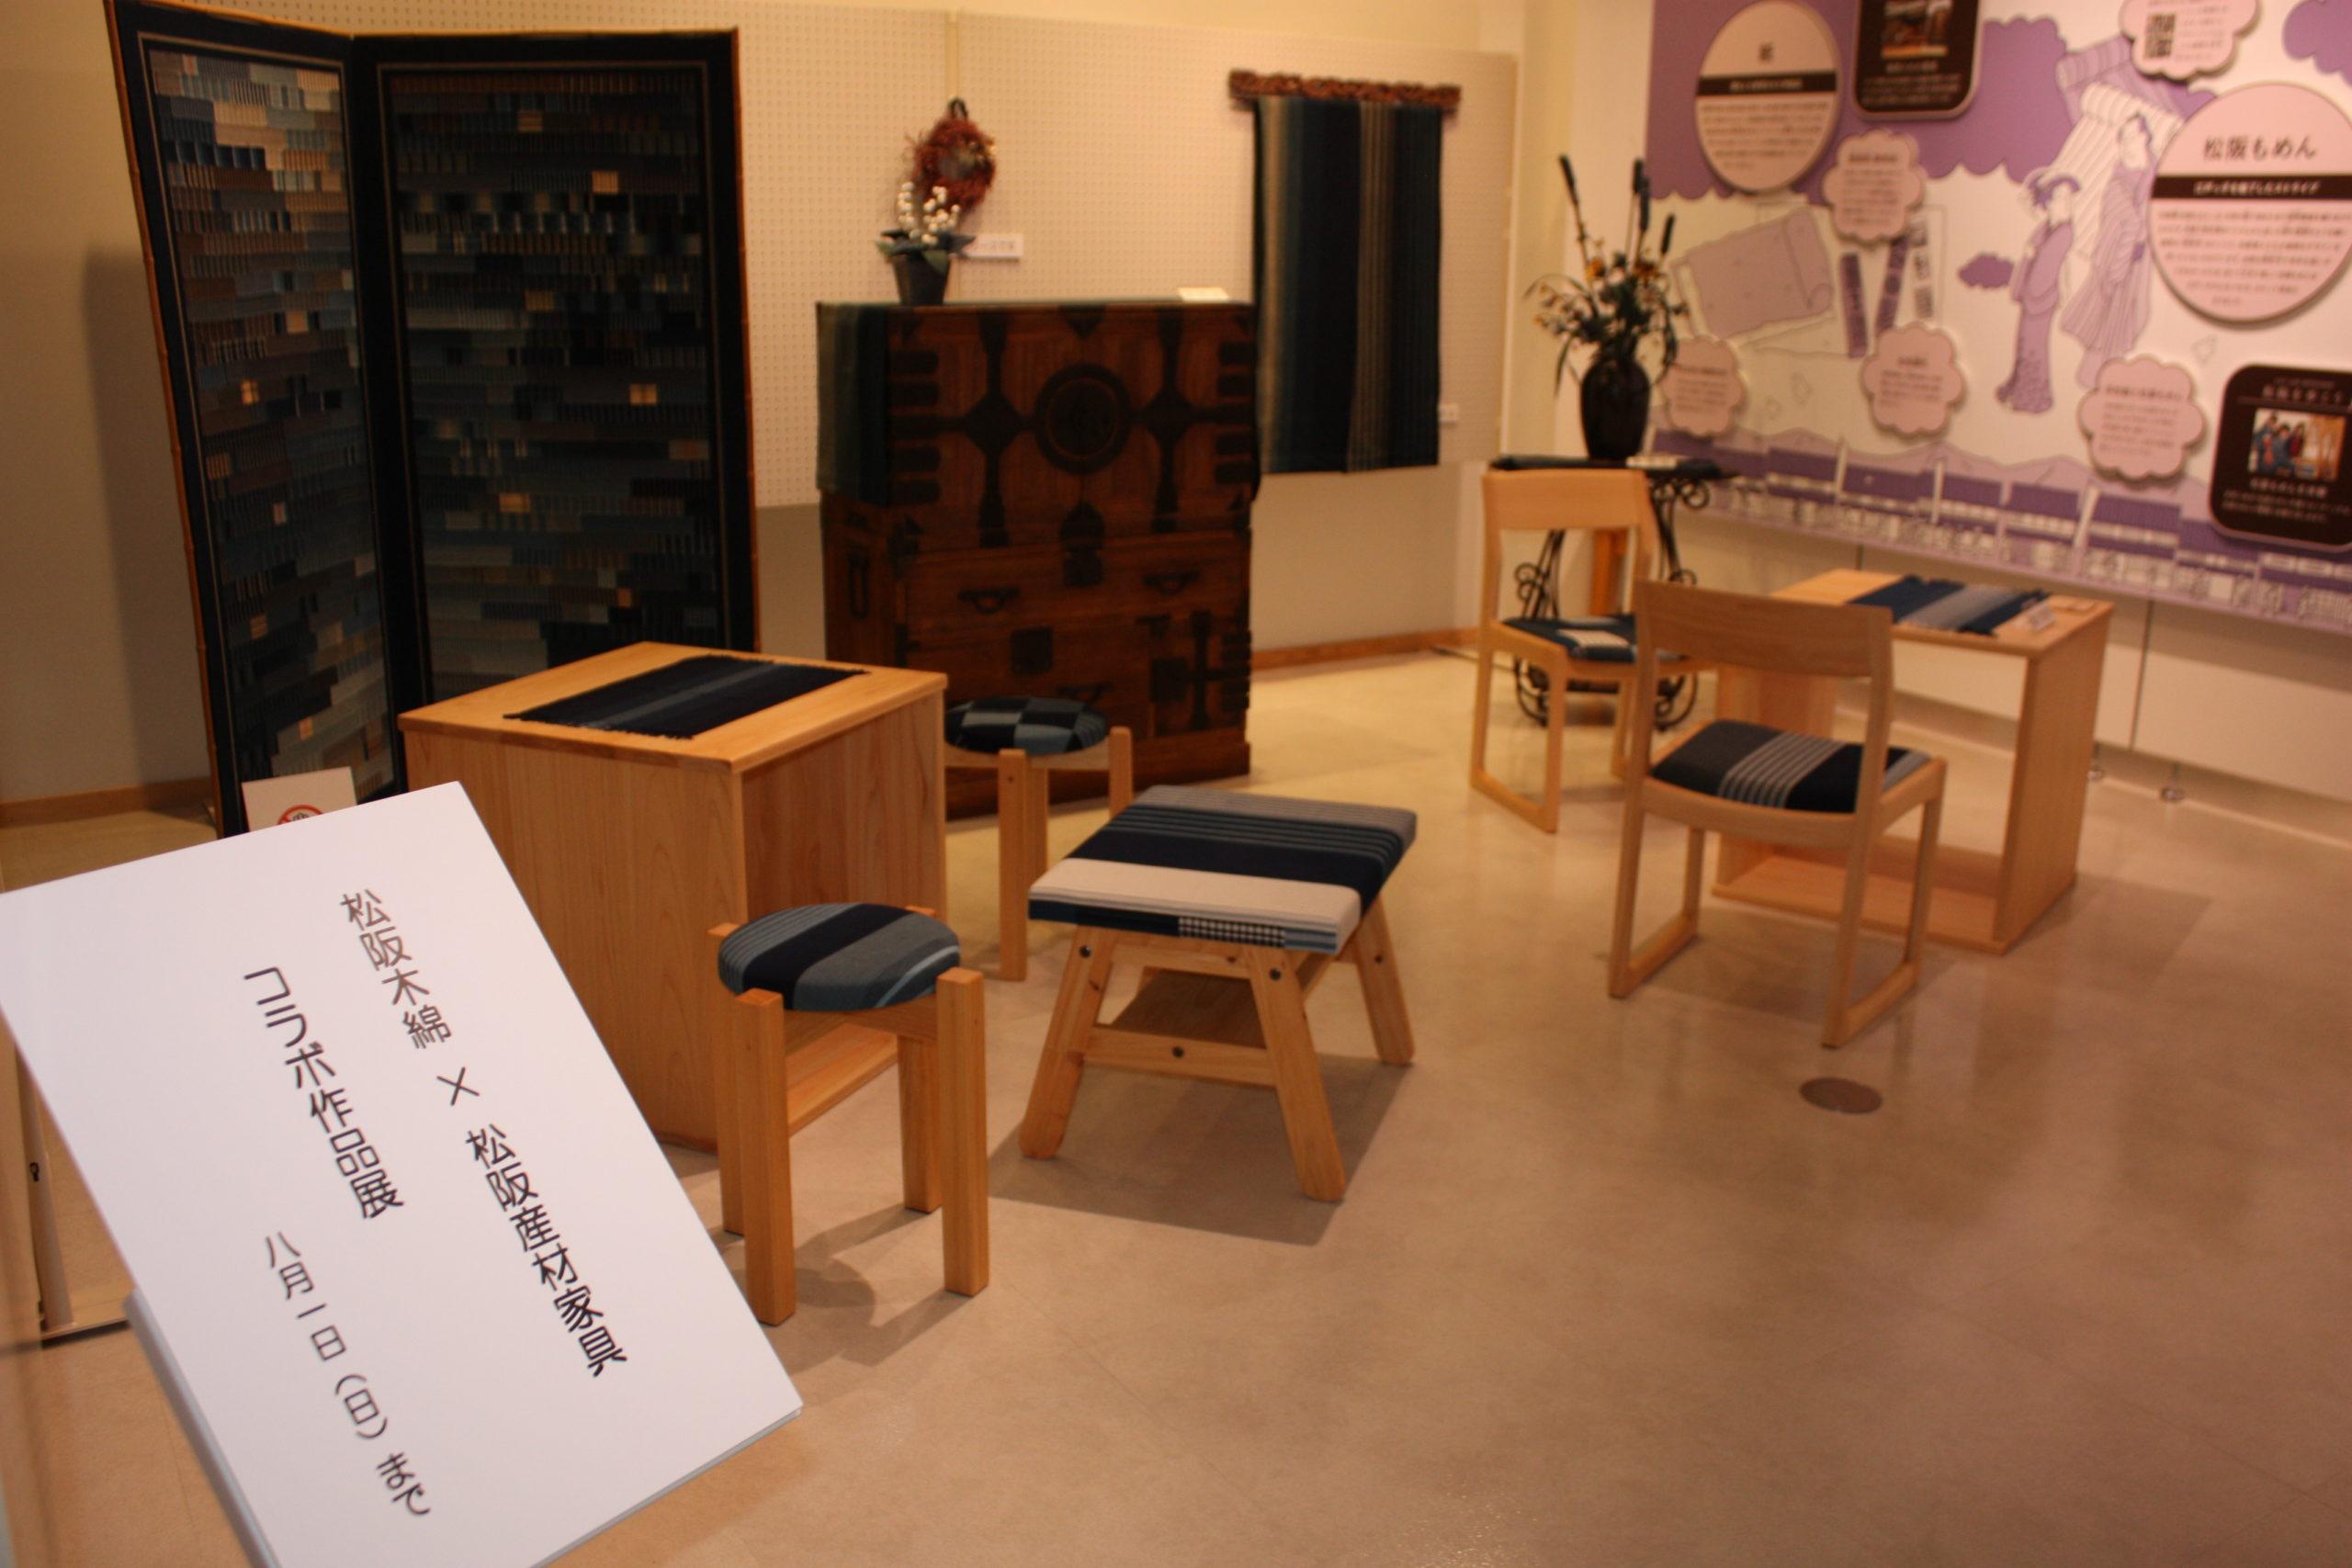 令和3年6月22日(火)~8月1日(日)「松阪もめん×松阪木材」を開催します!